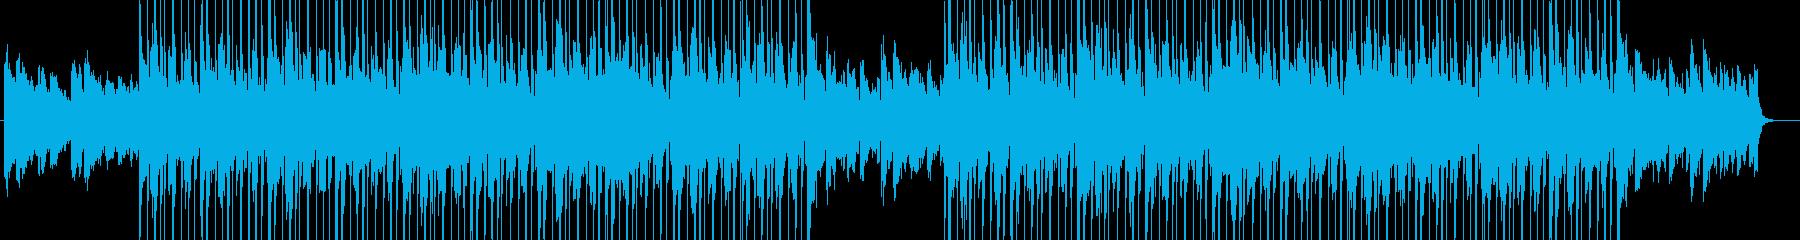 ノリが心地よいチルアウトの再生済みの波形